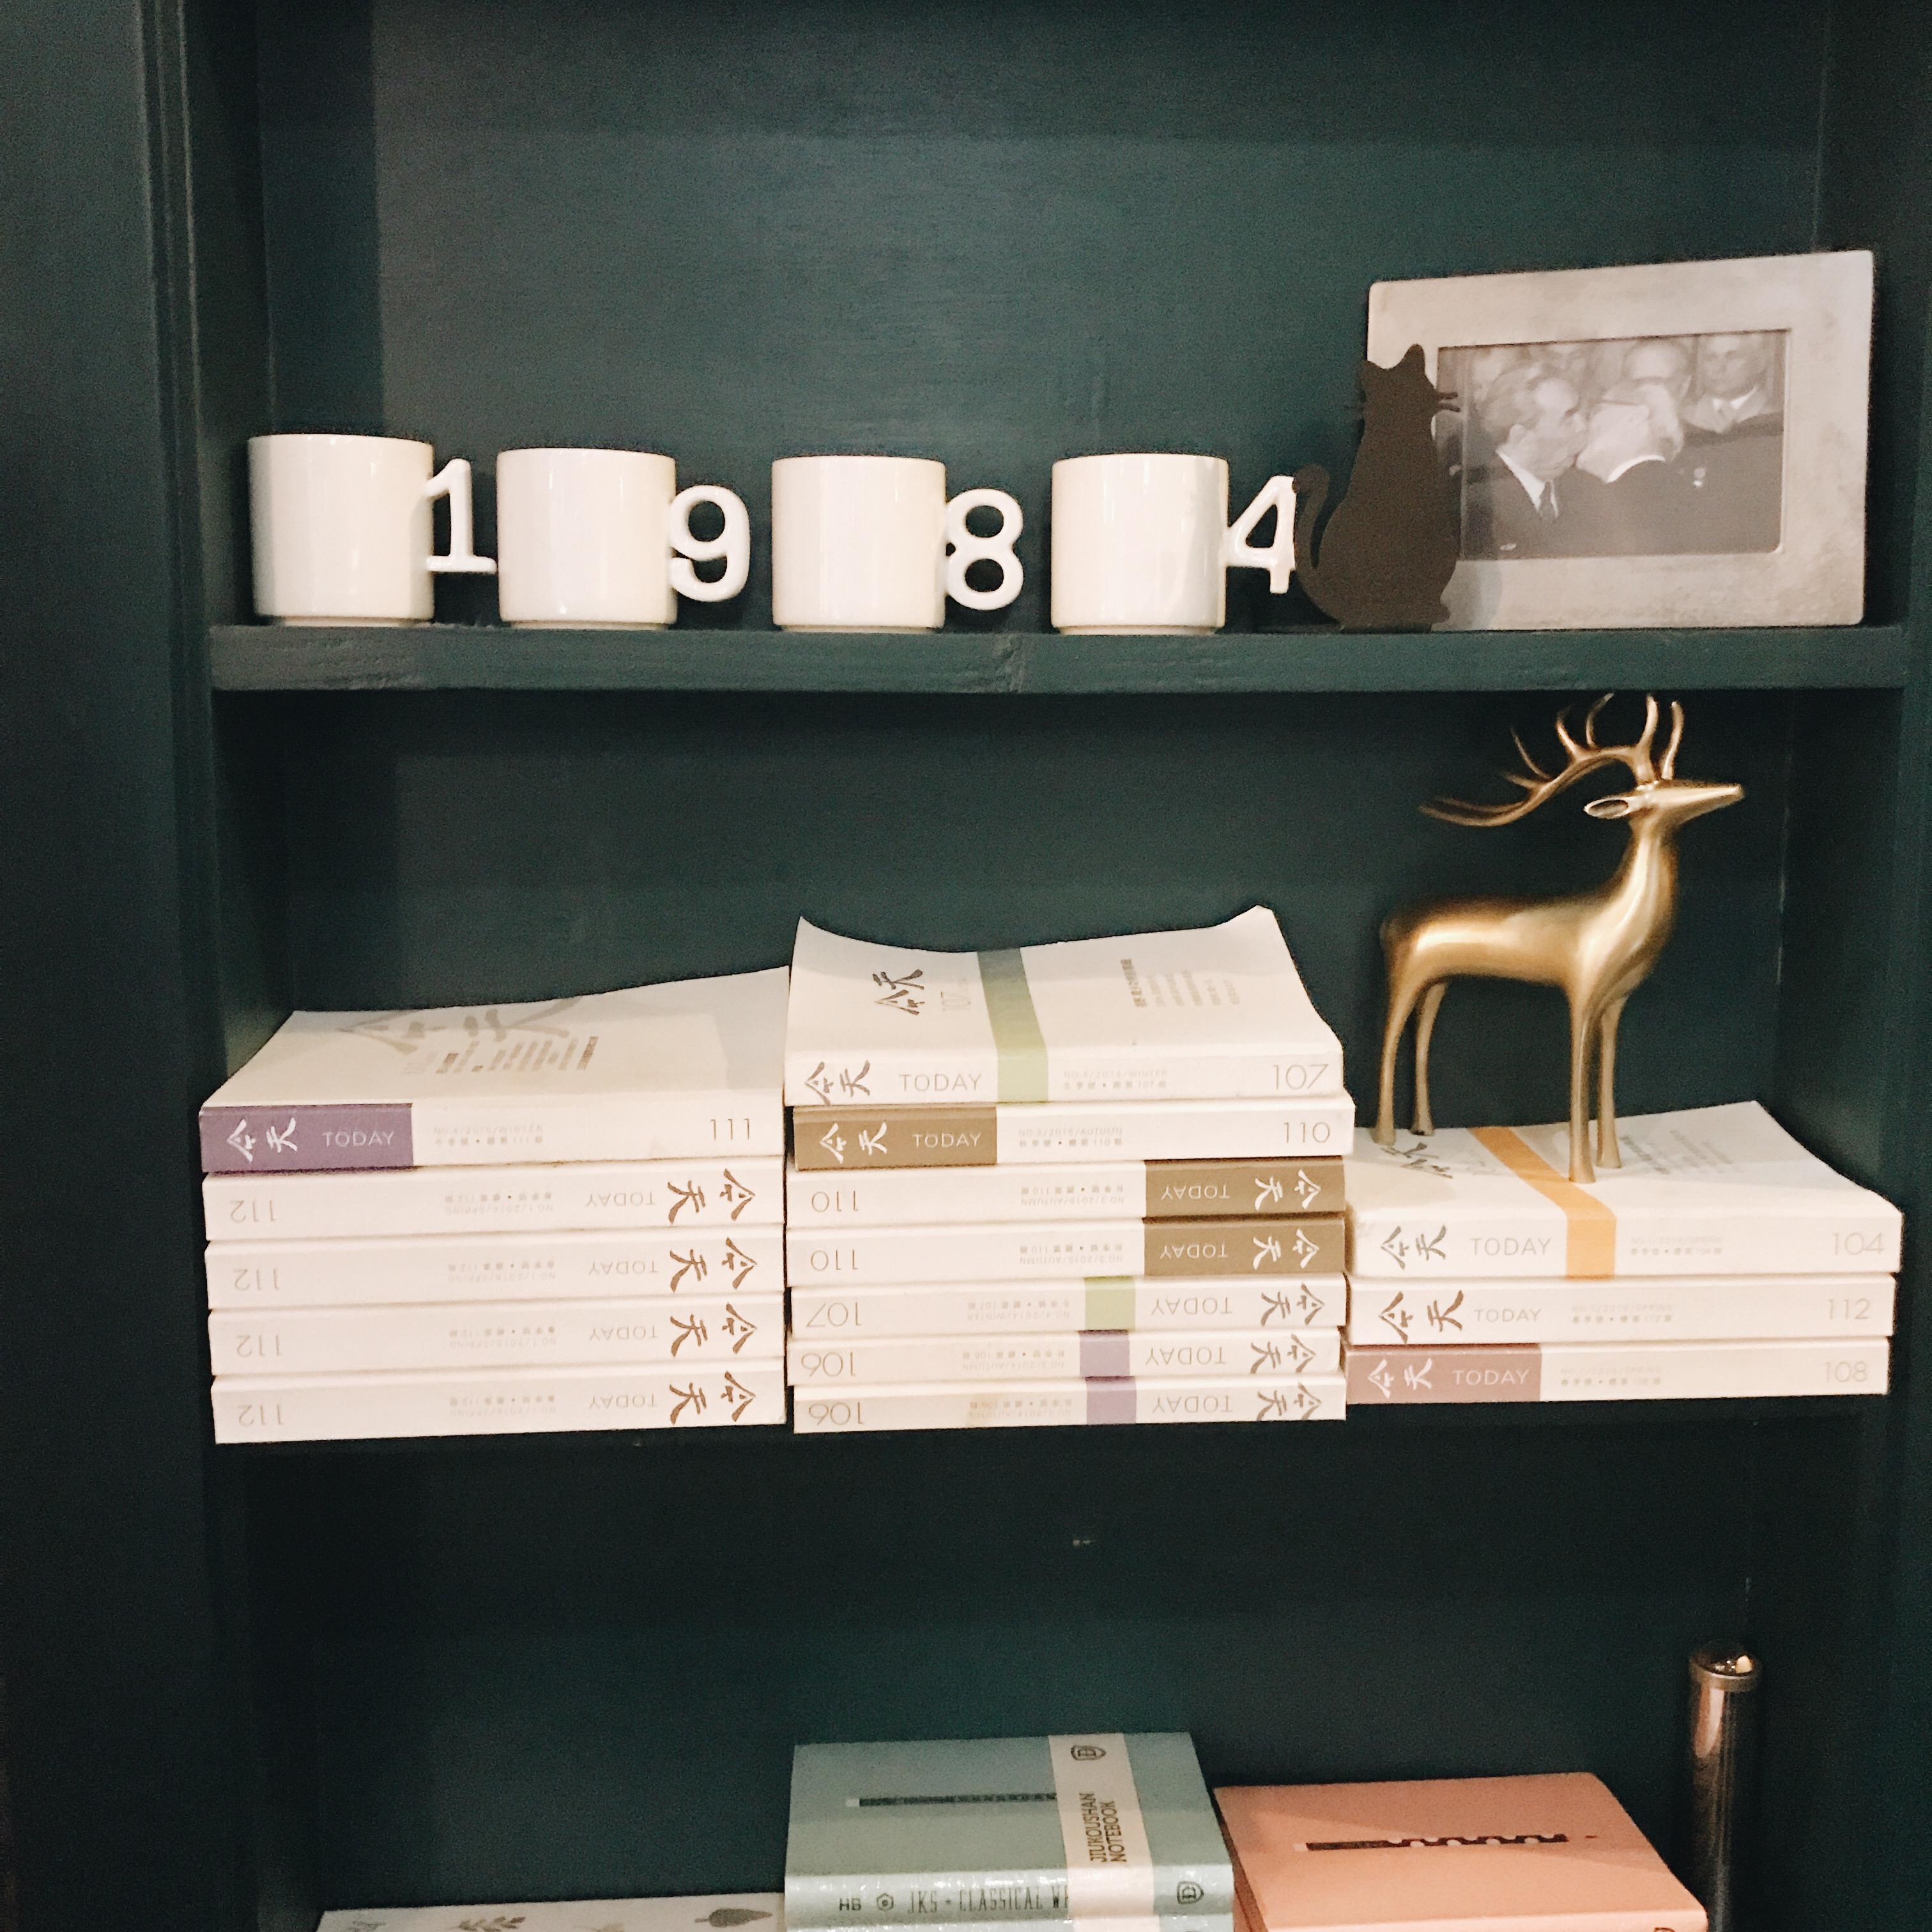 d5495b2f c803 445c 9516 dc7d2ac062ba 1 - 1984 BOOKSTORE - 扉の奥にある隠れ家ブックカフェ